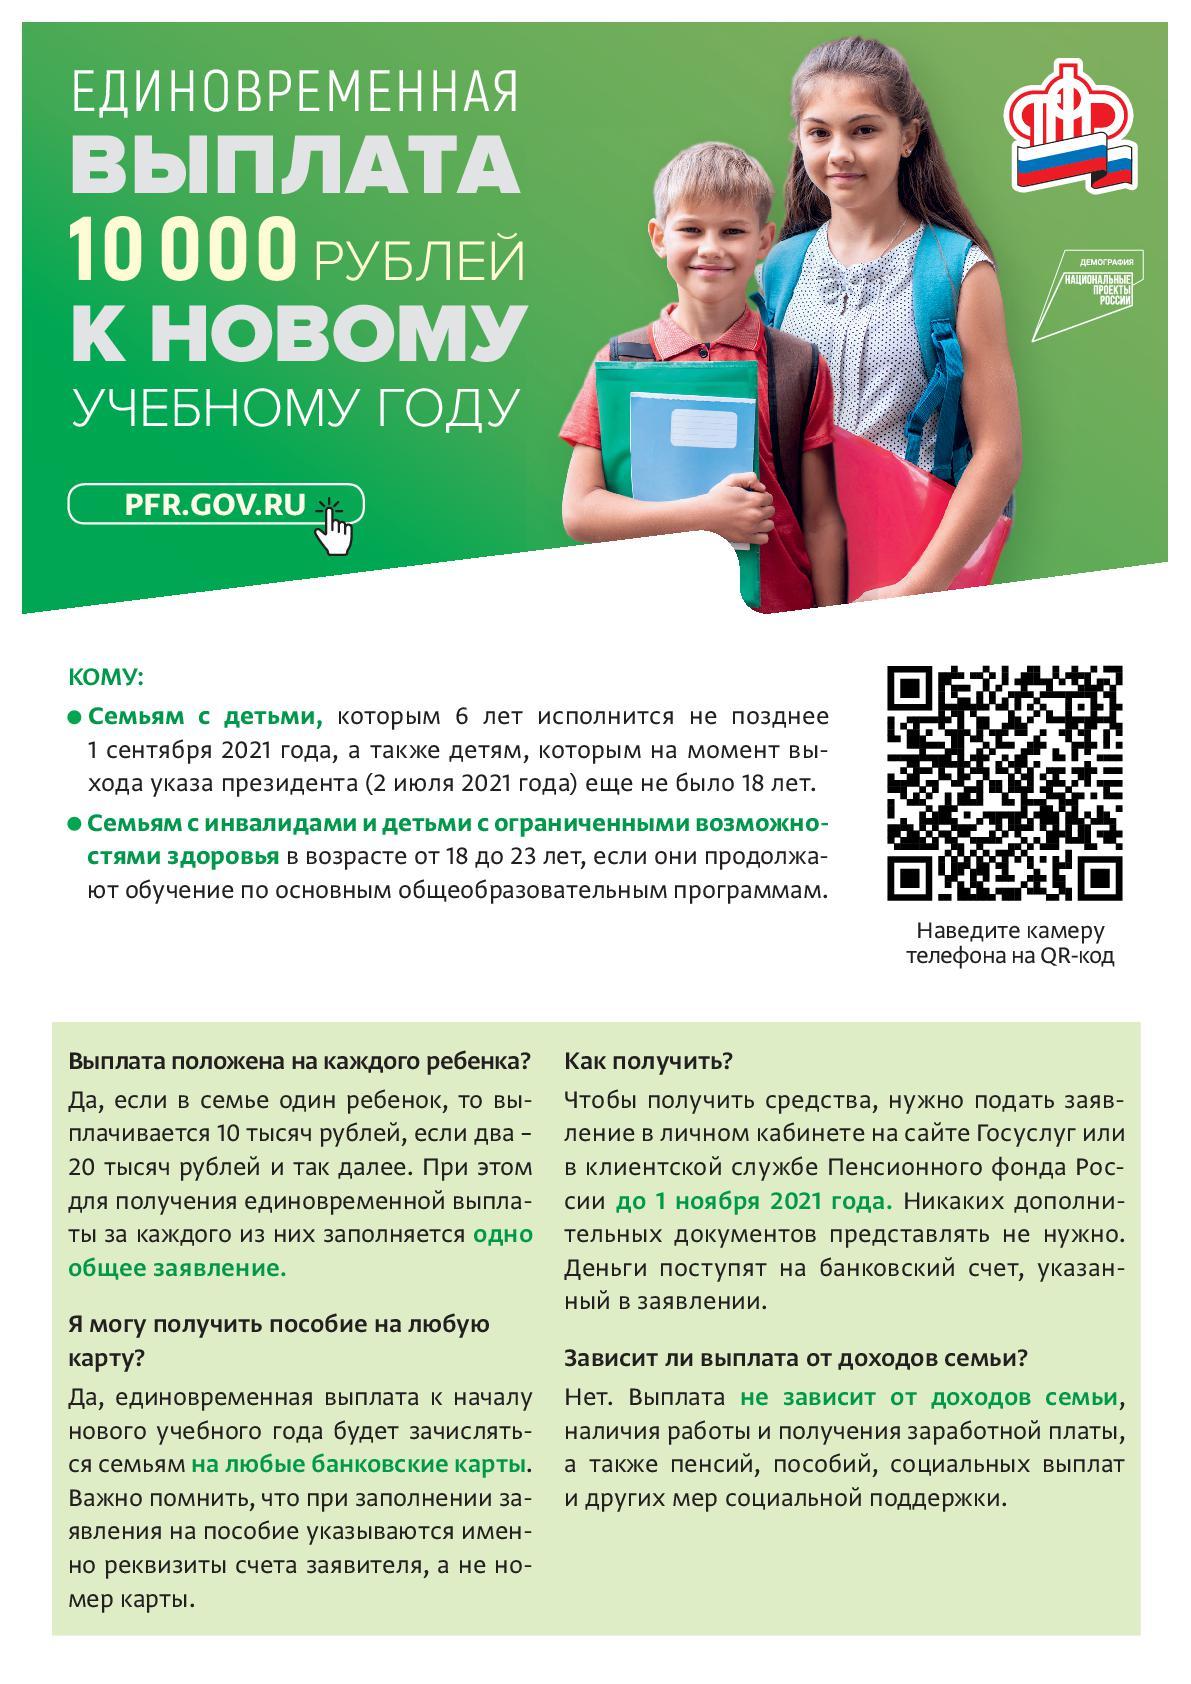 приложение к 7667-03 (Единовременная_выплата_2021)-001